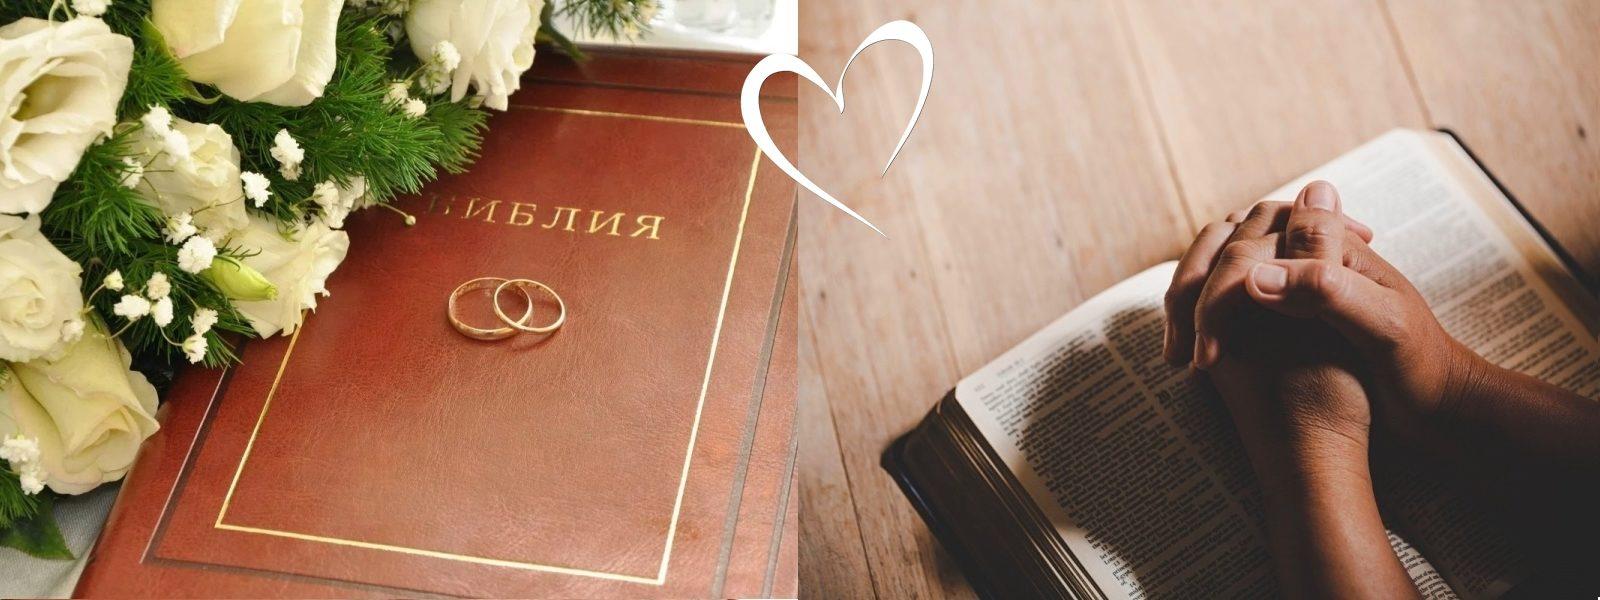 Курс подготовки к браку